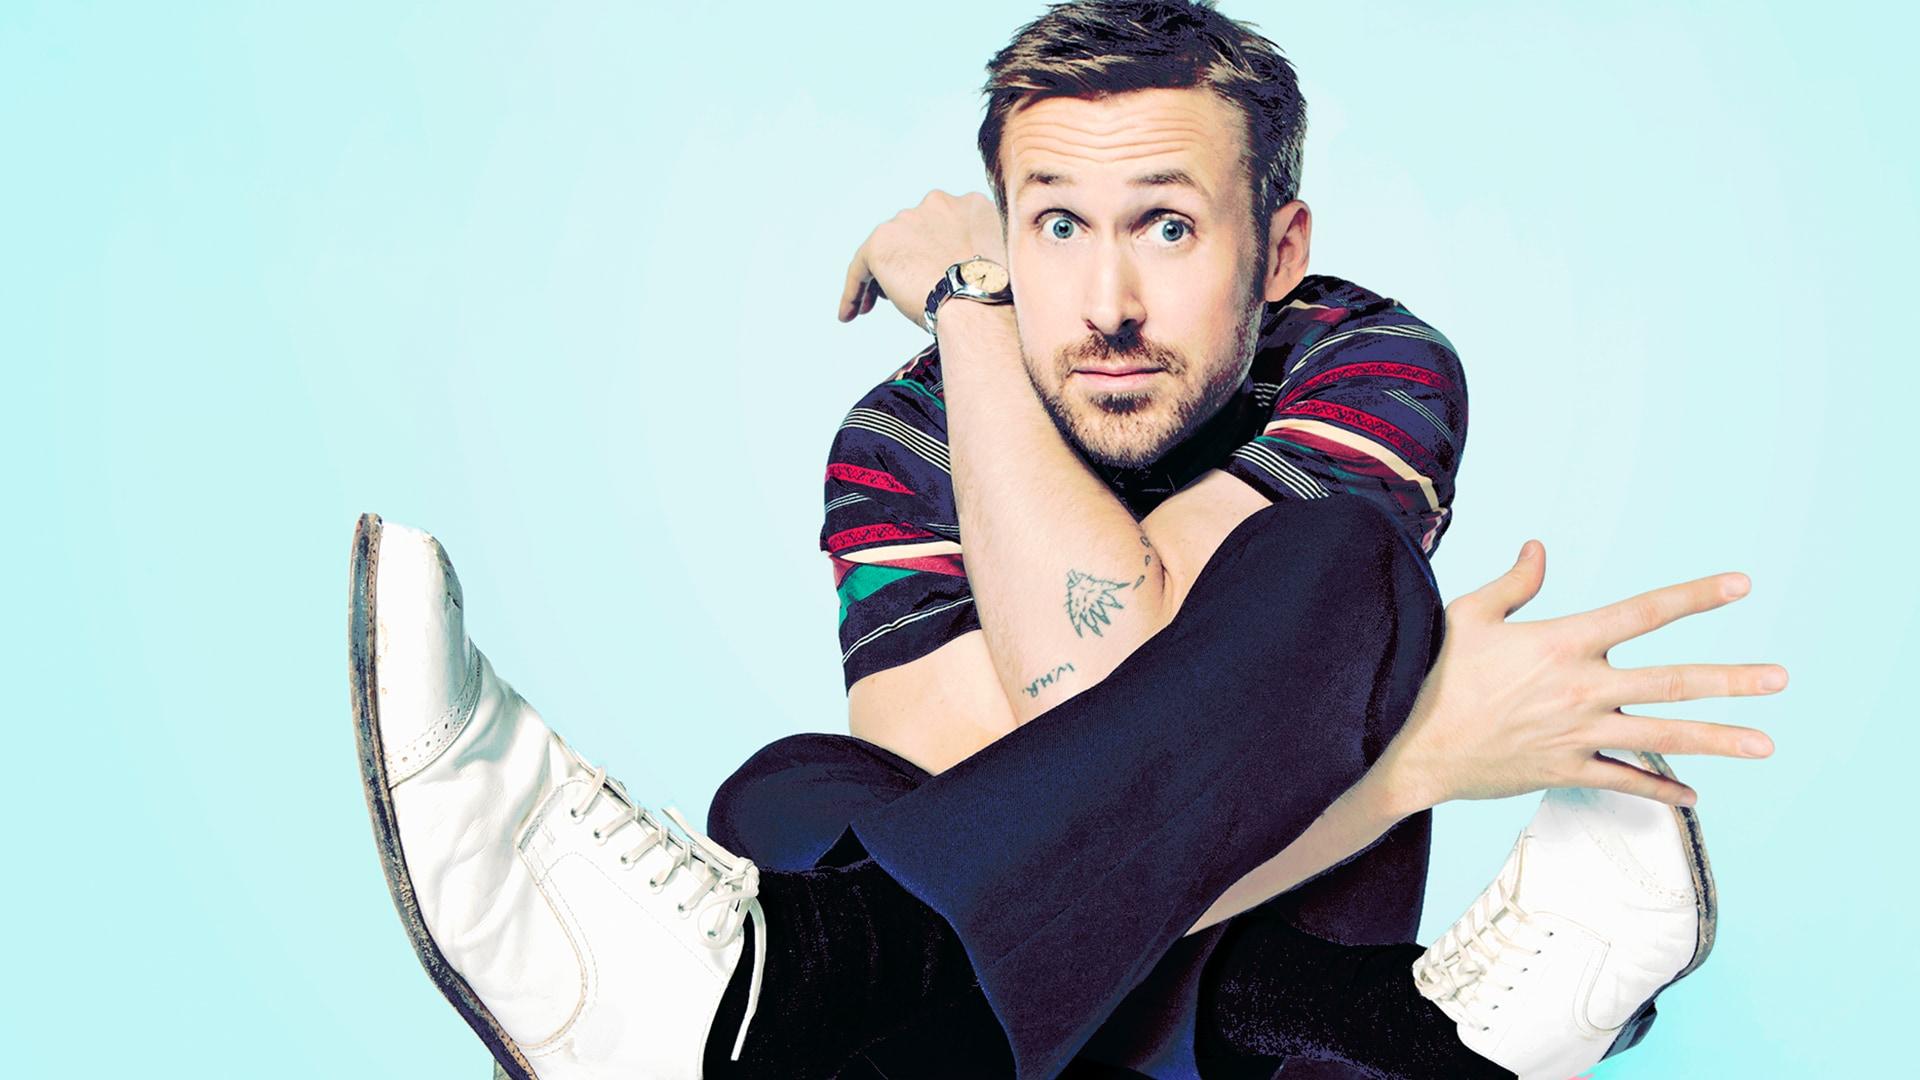 Ryan Gosling: September 30, 2017